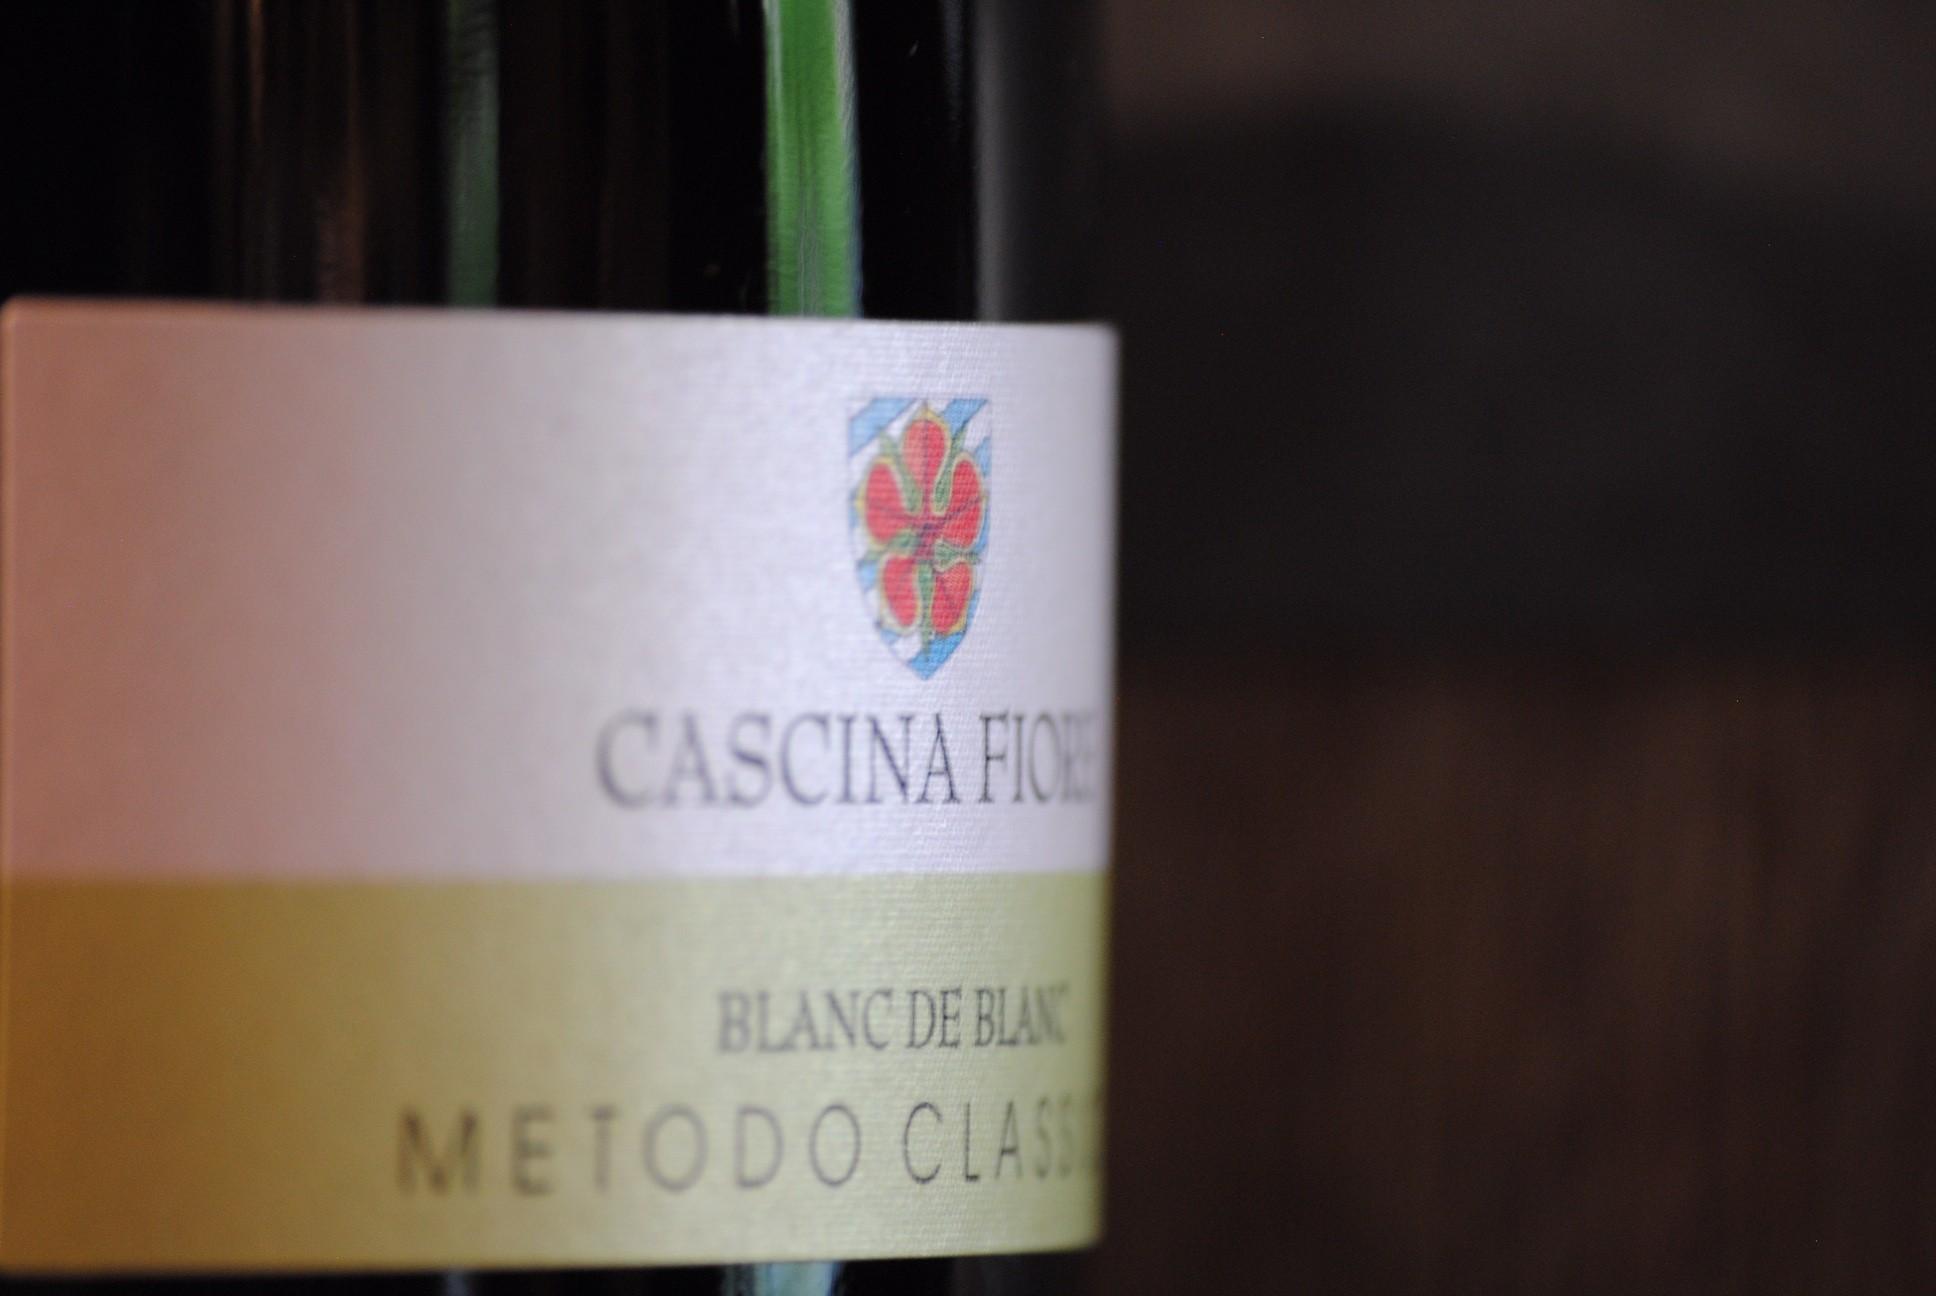 CASCINA FIORE E METODO CLASSICO ... BOLLICINE DA MAESTRI!!!